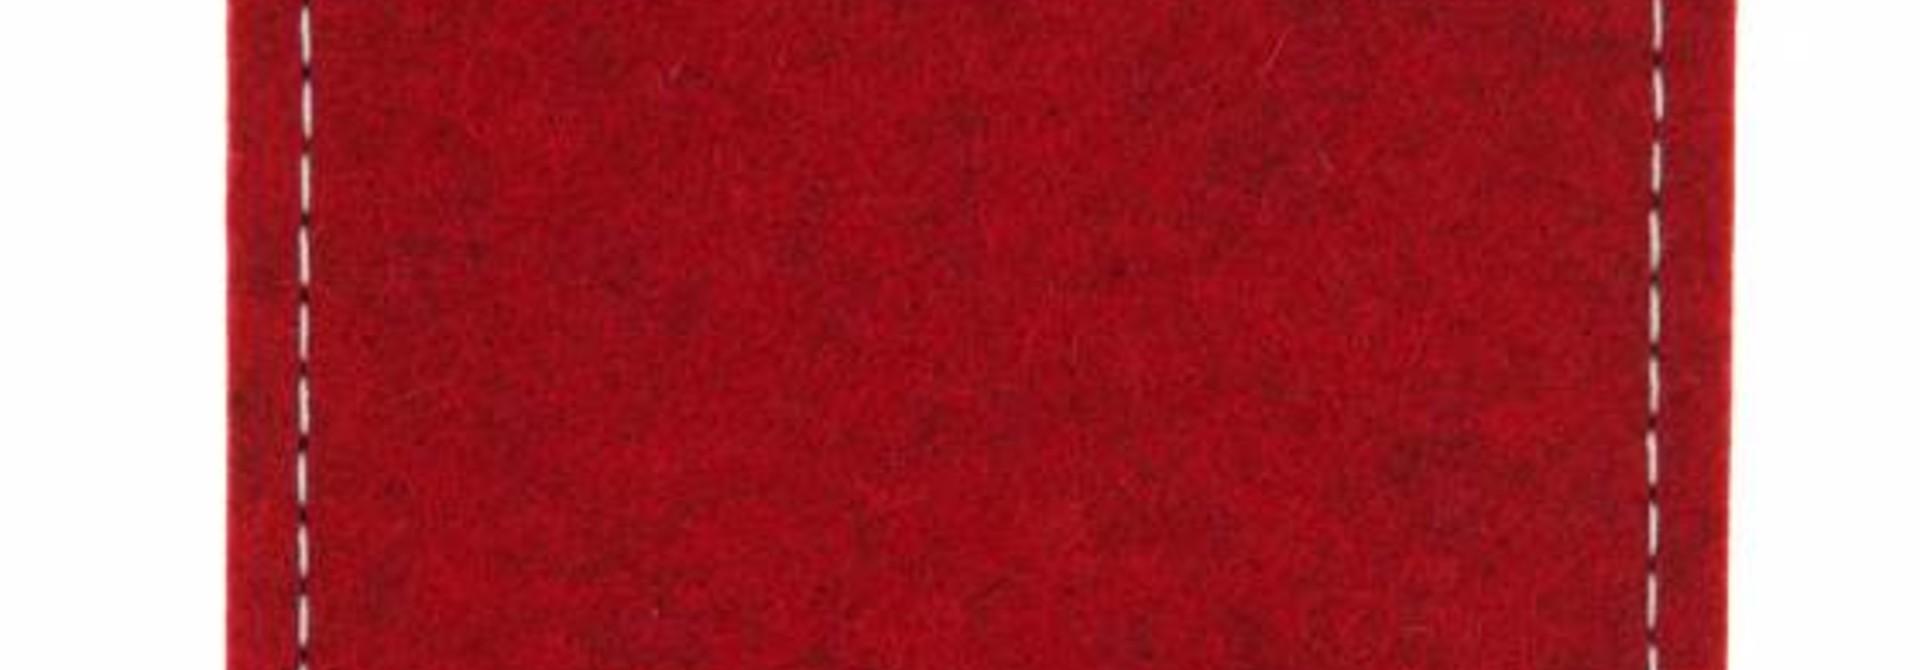 Sleeve Cherry